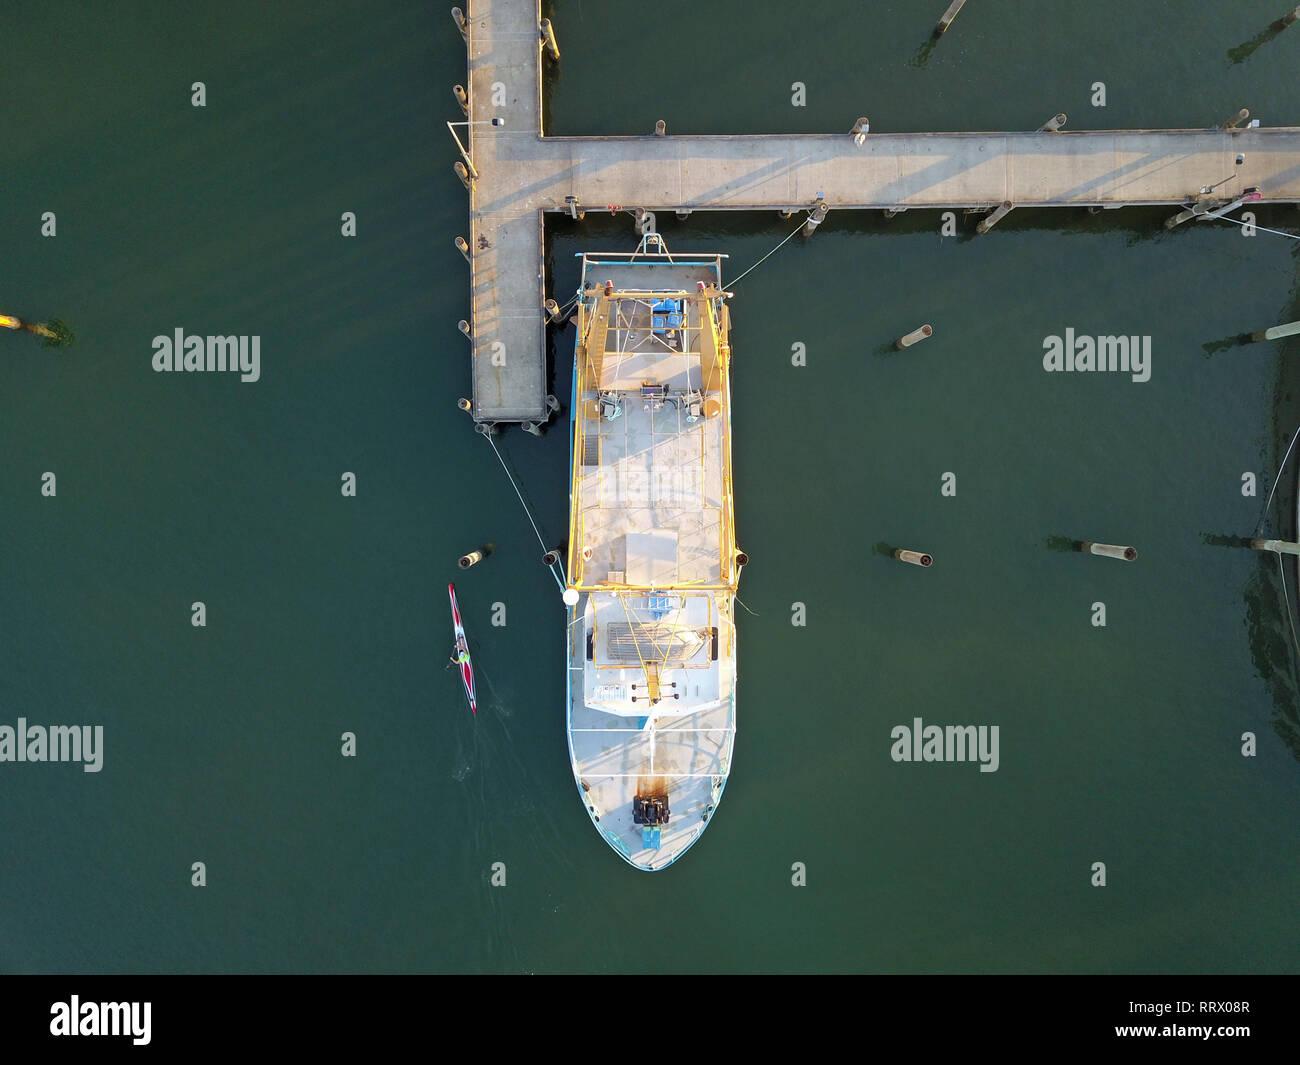 Barco de pesca desde arriba con kayak extremo cercano océano actividad. Capturadas mediante fotografía aérea y zumbido remoto en Queensland, Australia. Foto de stock